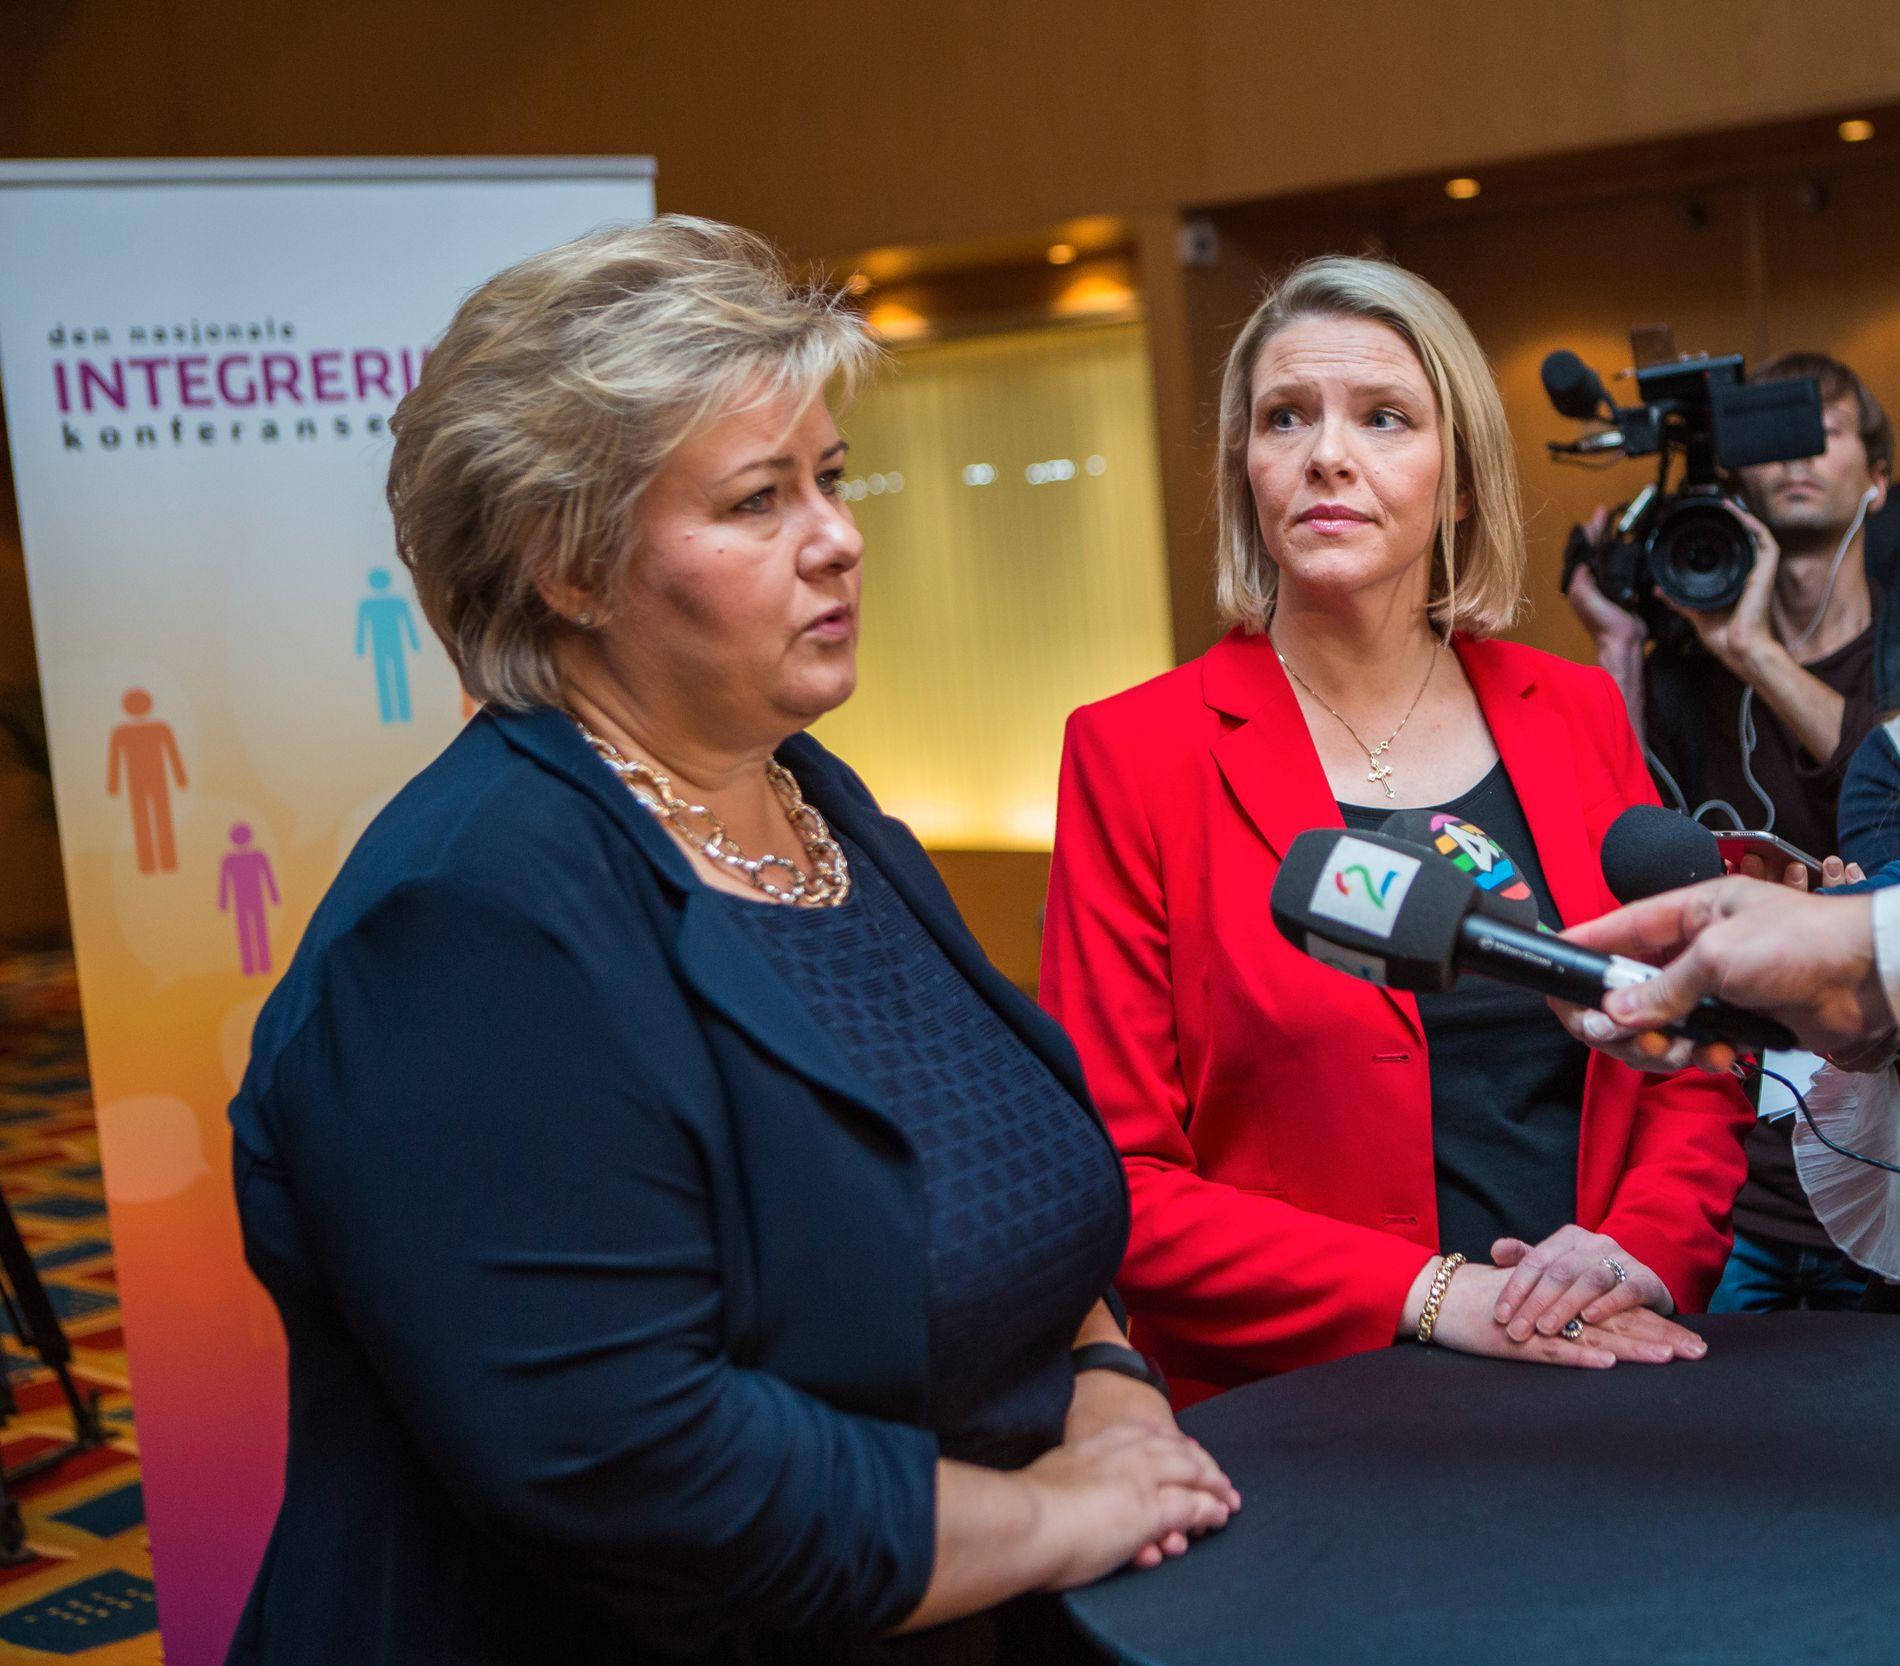 DEN GANG DA: Statsminister Erna Solberg og Sylvi Listhaug avbildet på integreringskonferansen høsten 2016 da Listhaug var innvandrings- og integreringsminister.